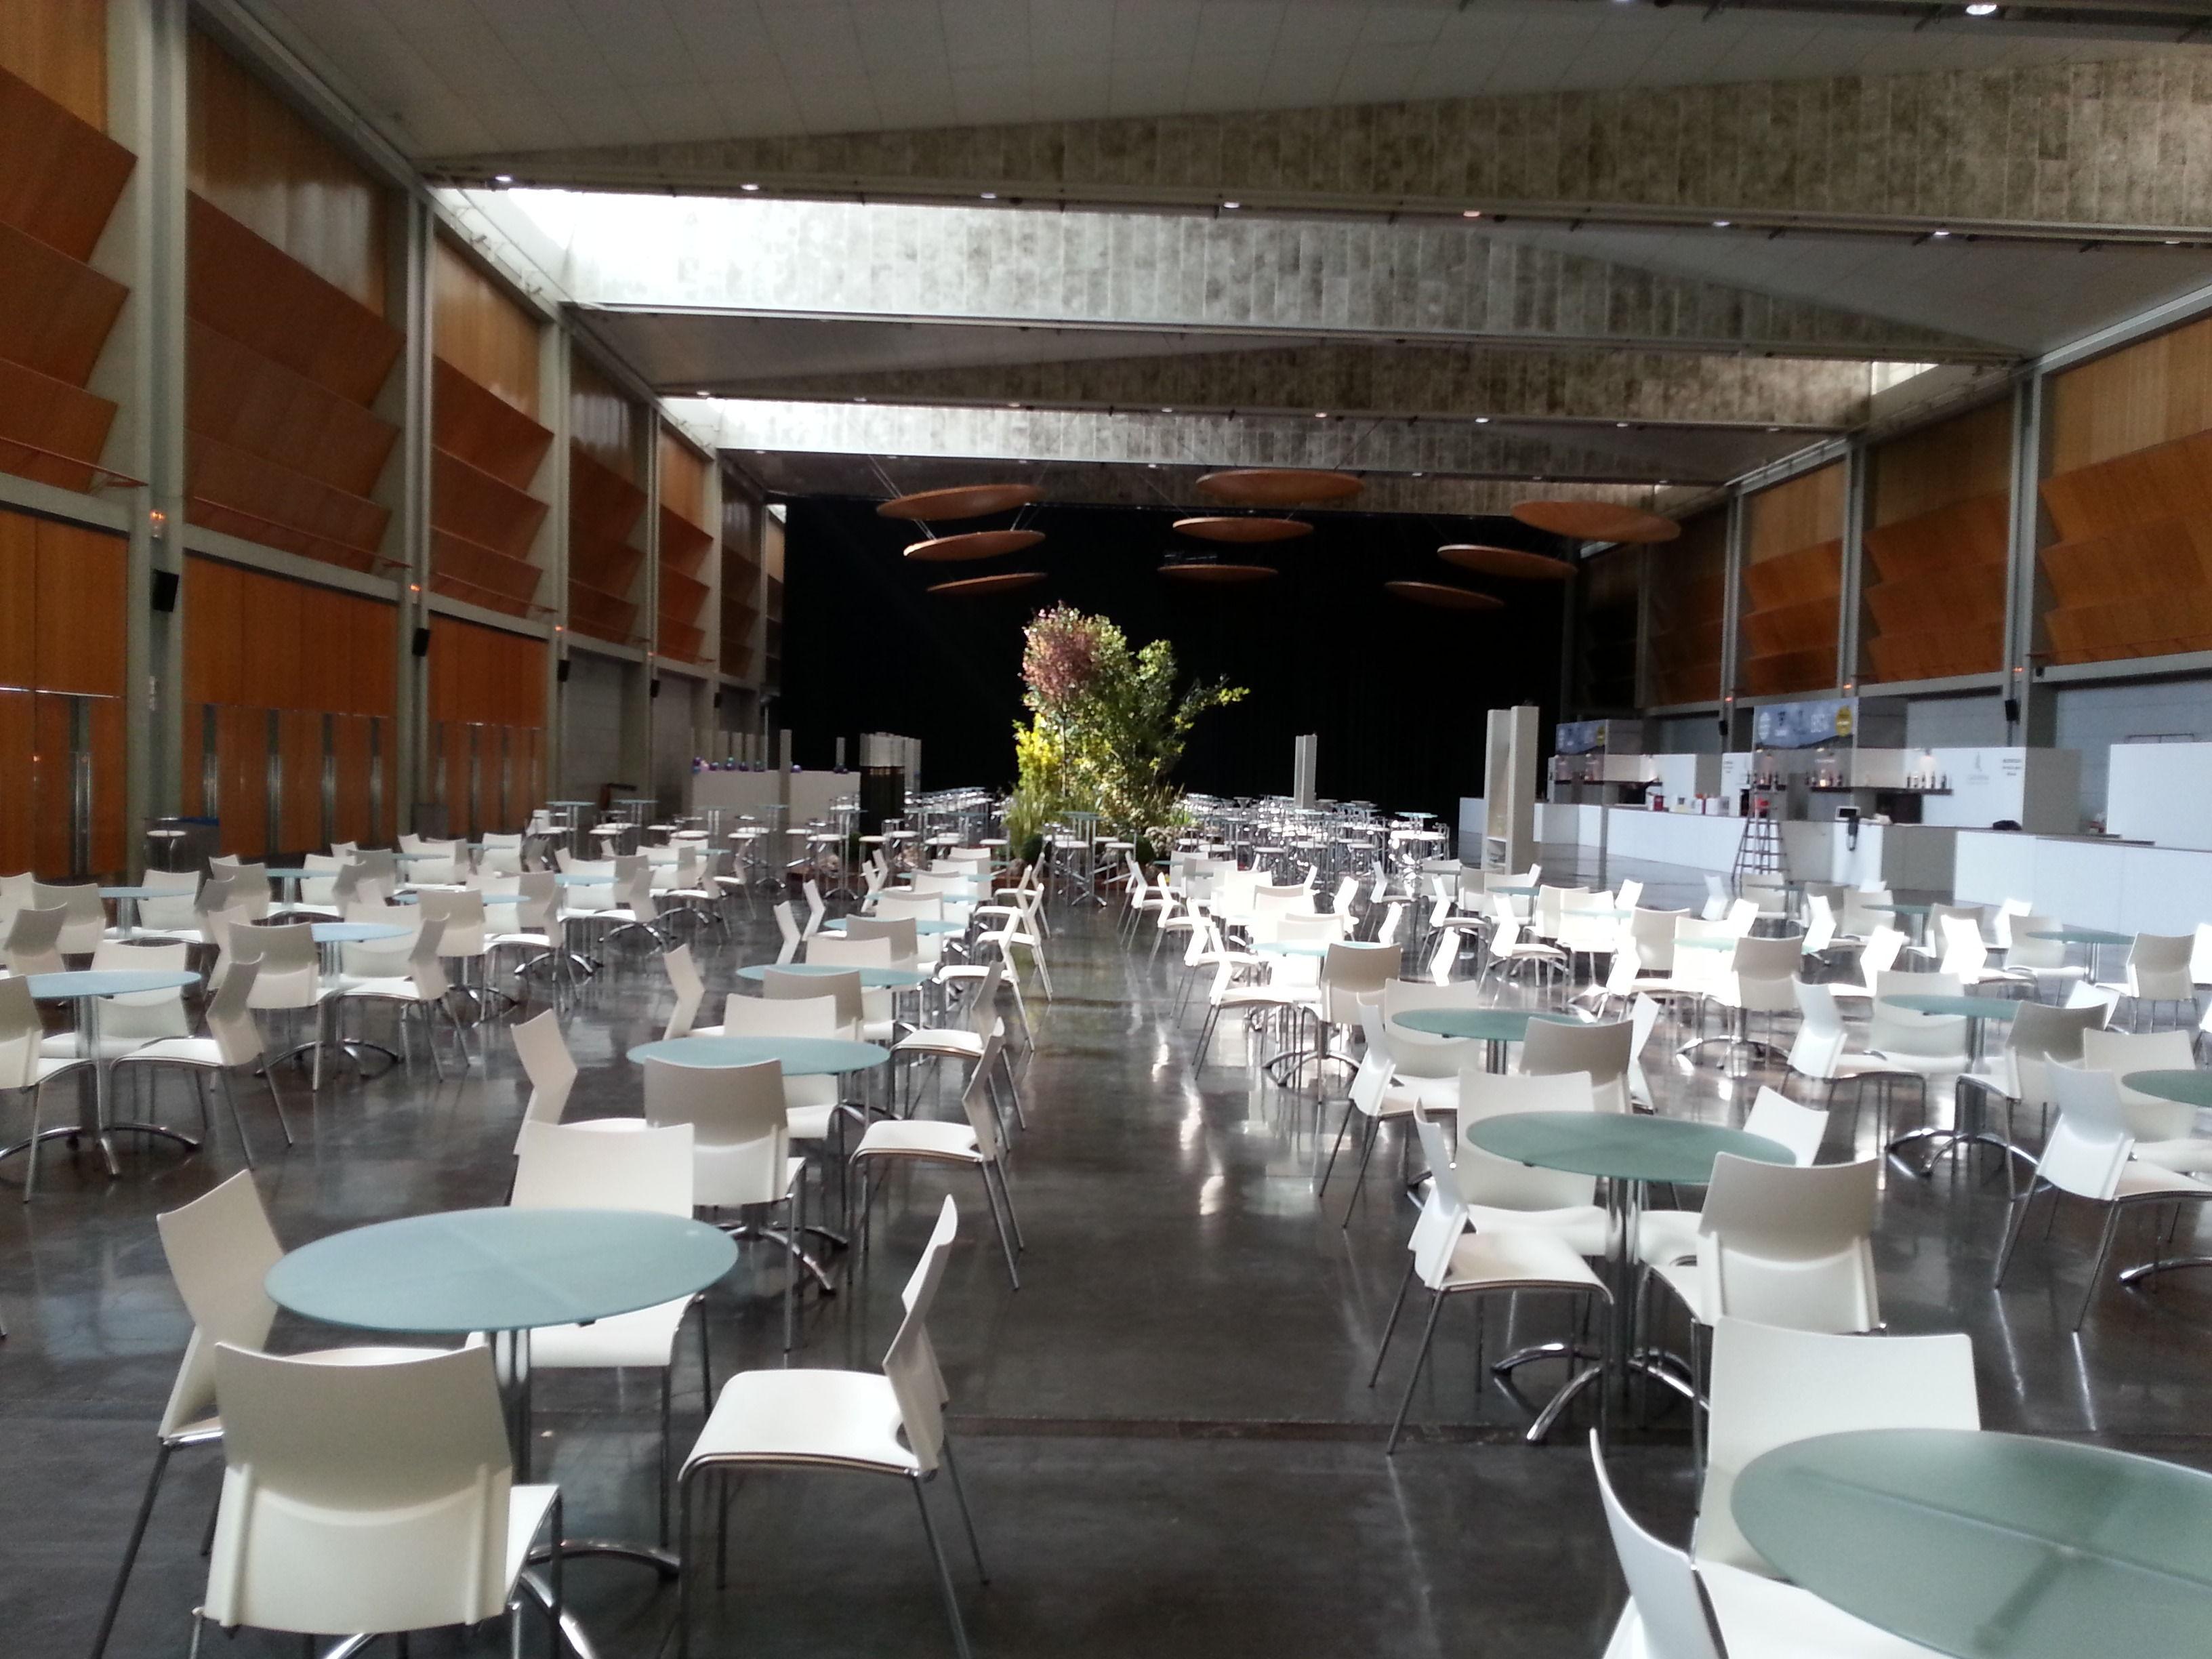 Foto 21 de Alquiler de sillas, mesas y menaje en Zaragoza | Stuhl Ibérica Alquiler de Mobiliario